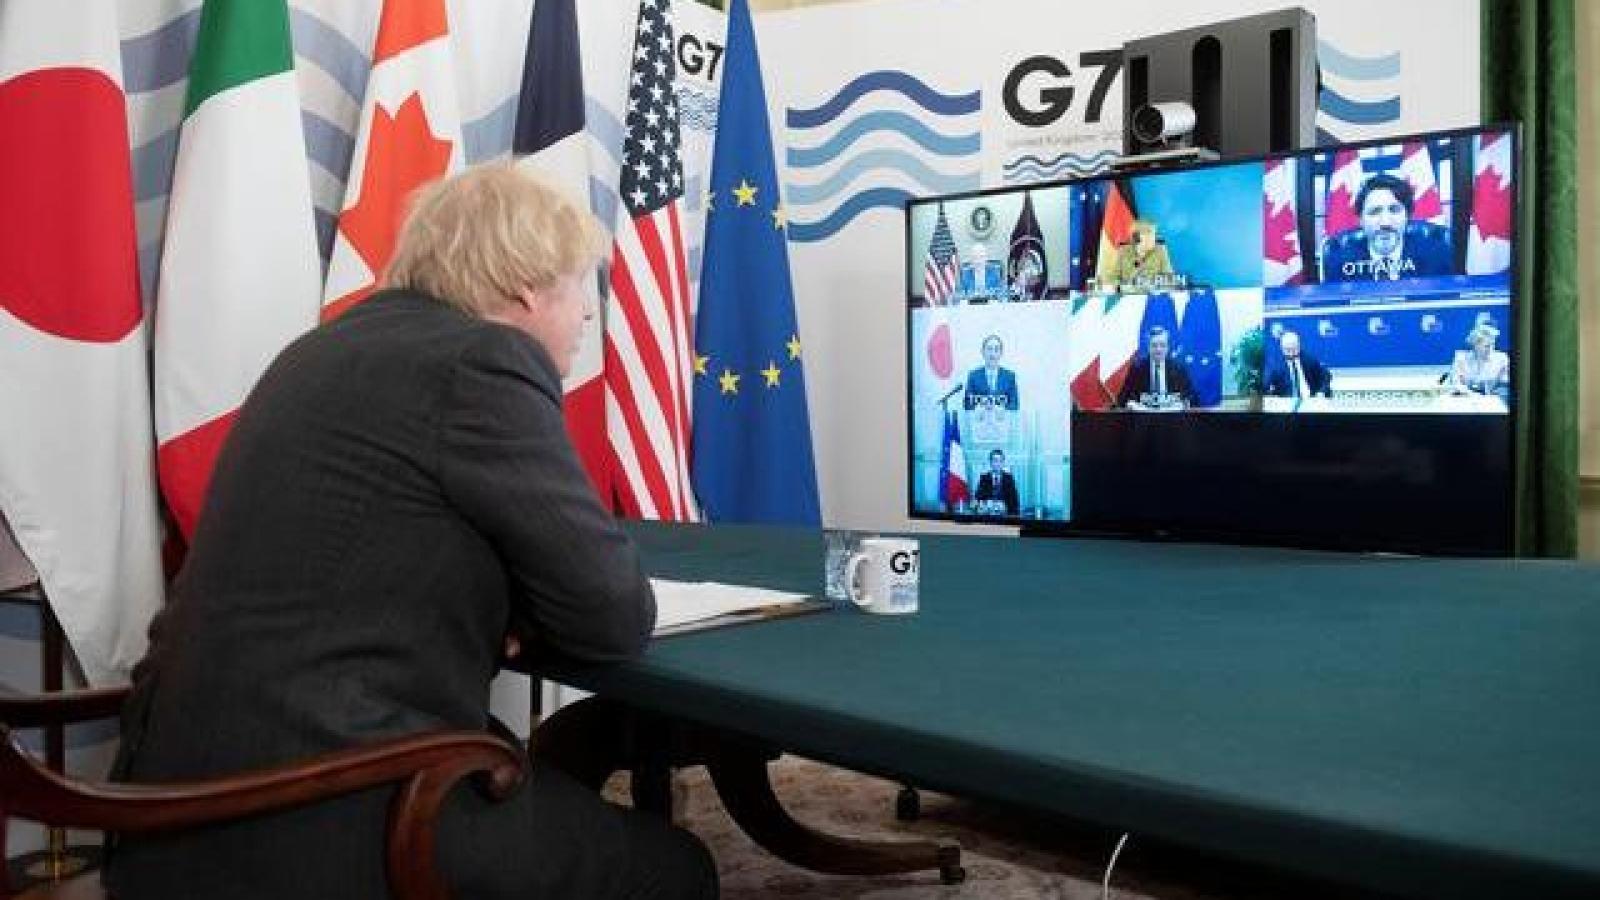 Ngoại trưởng G7 họp mặt tại London chuẩn bị hội nghị thượng đỉnh